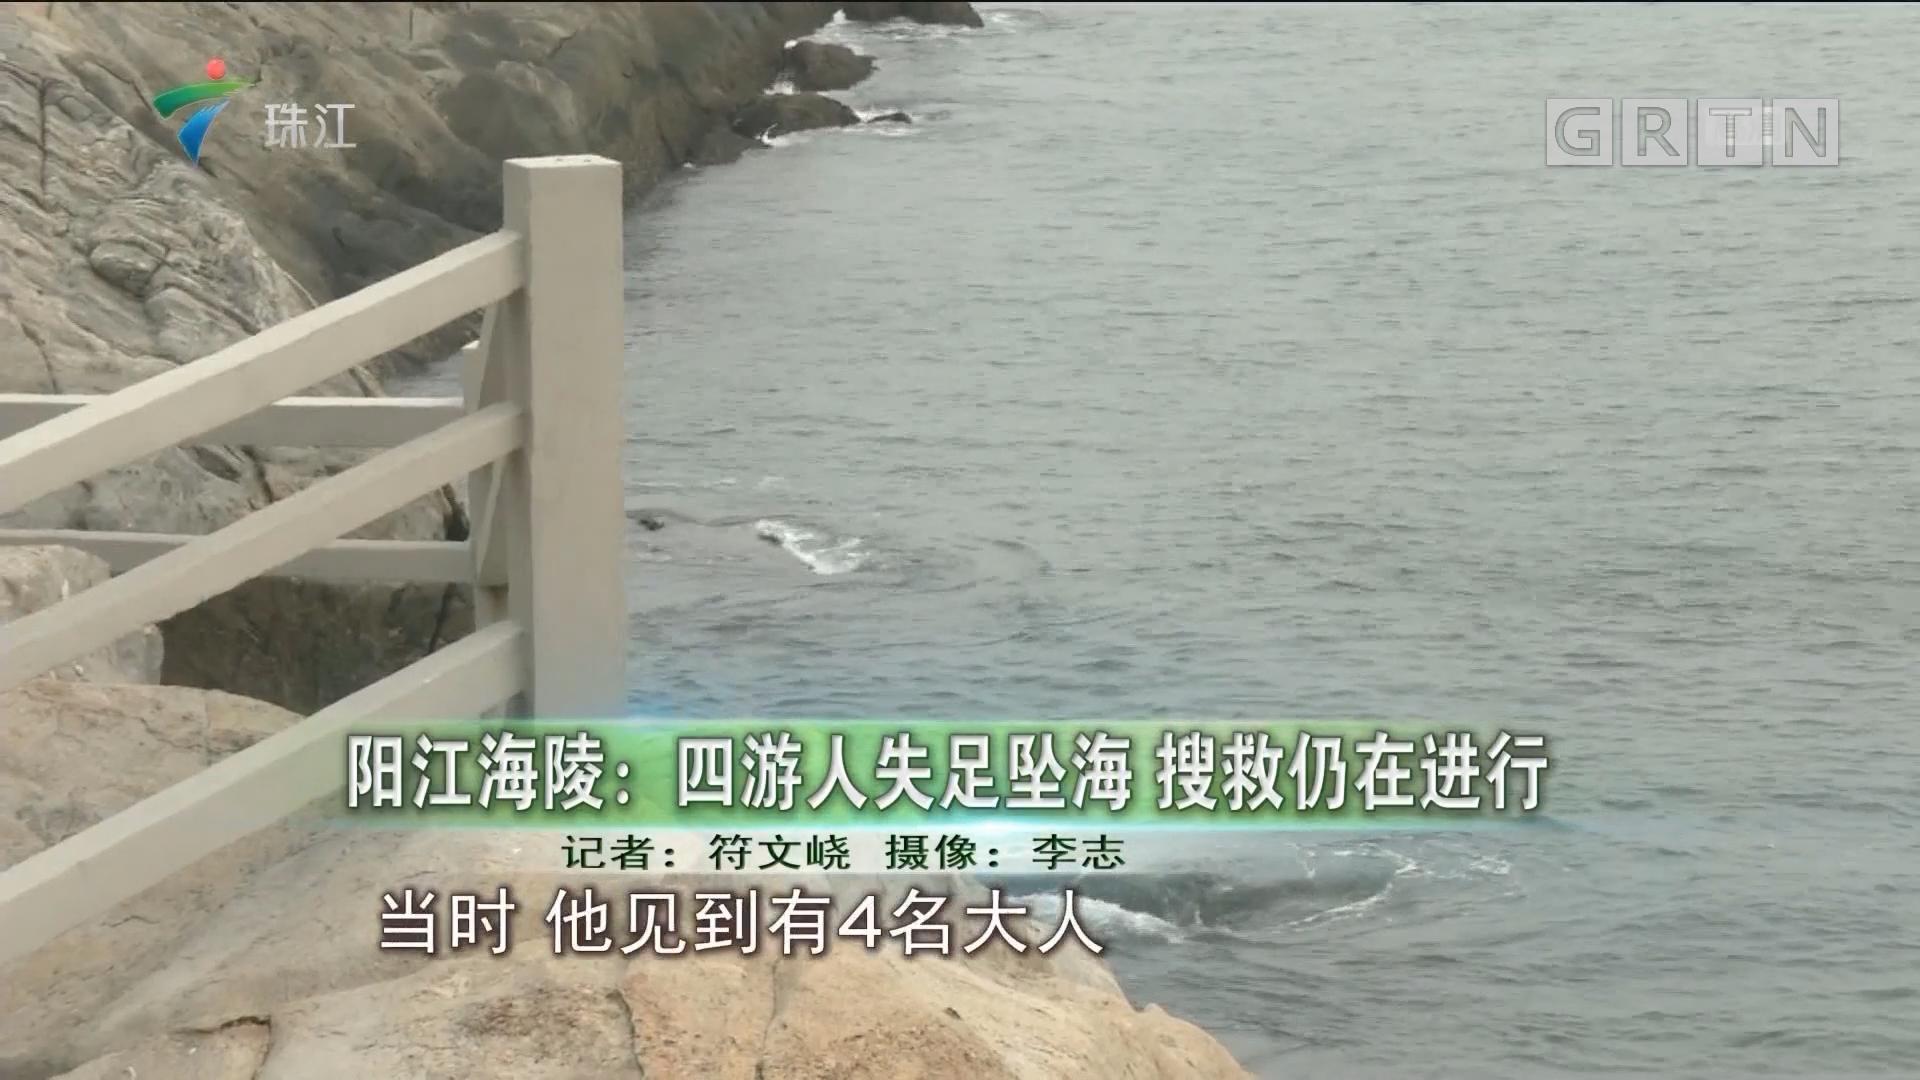 阳江海陵:四游人失足坠海 搜救仍在进行